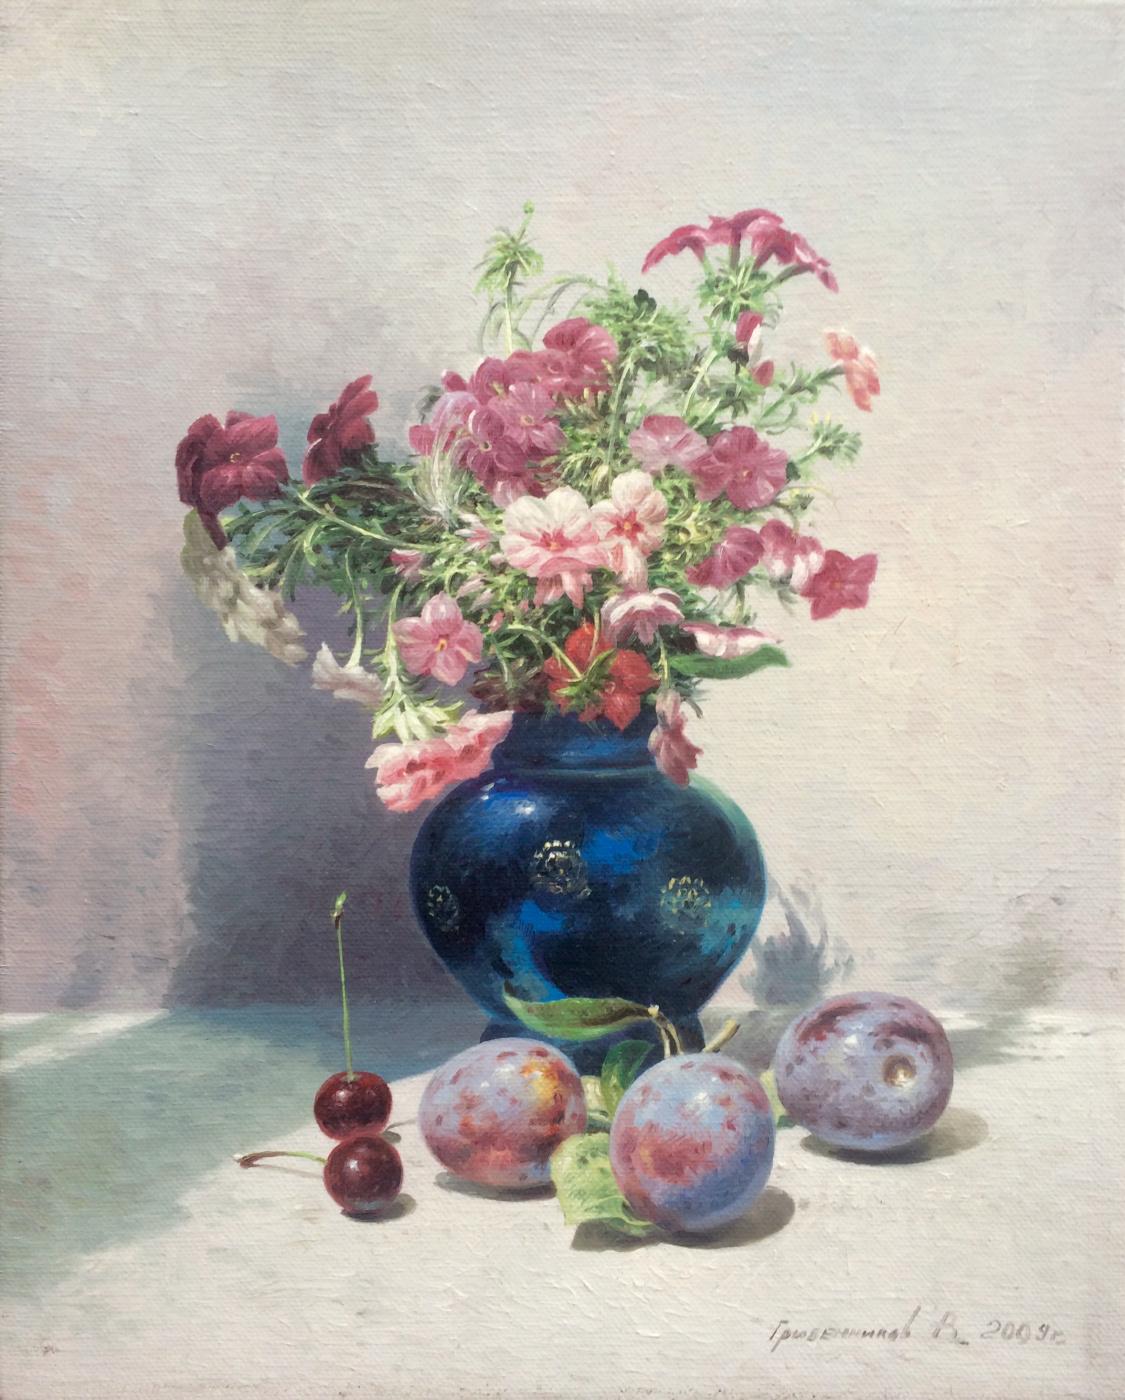 Vasily Ivanovich Gribennikov. Still Life with Phlox